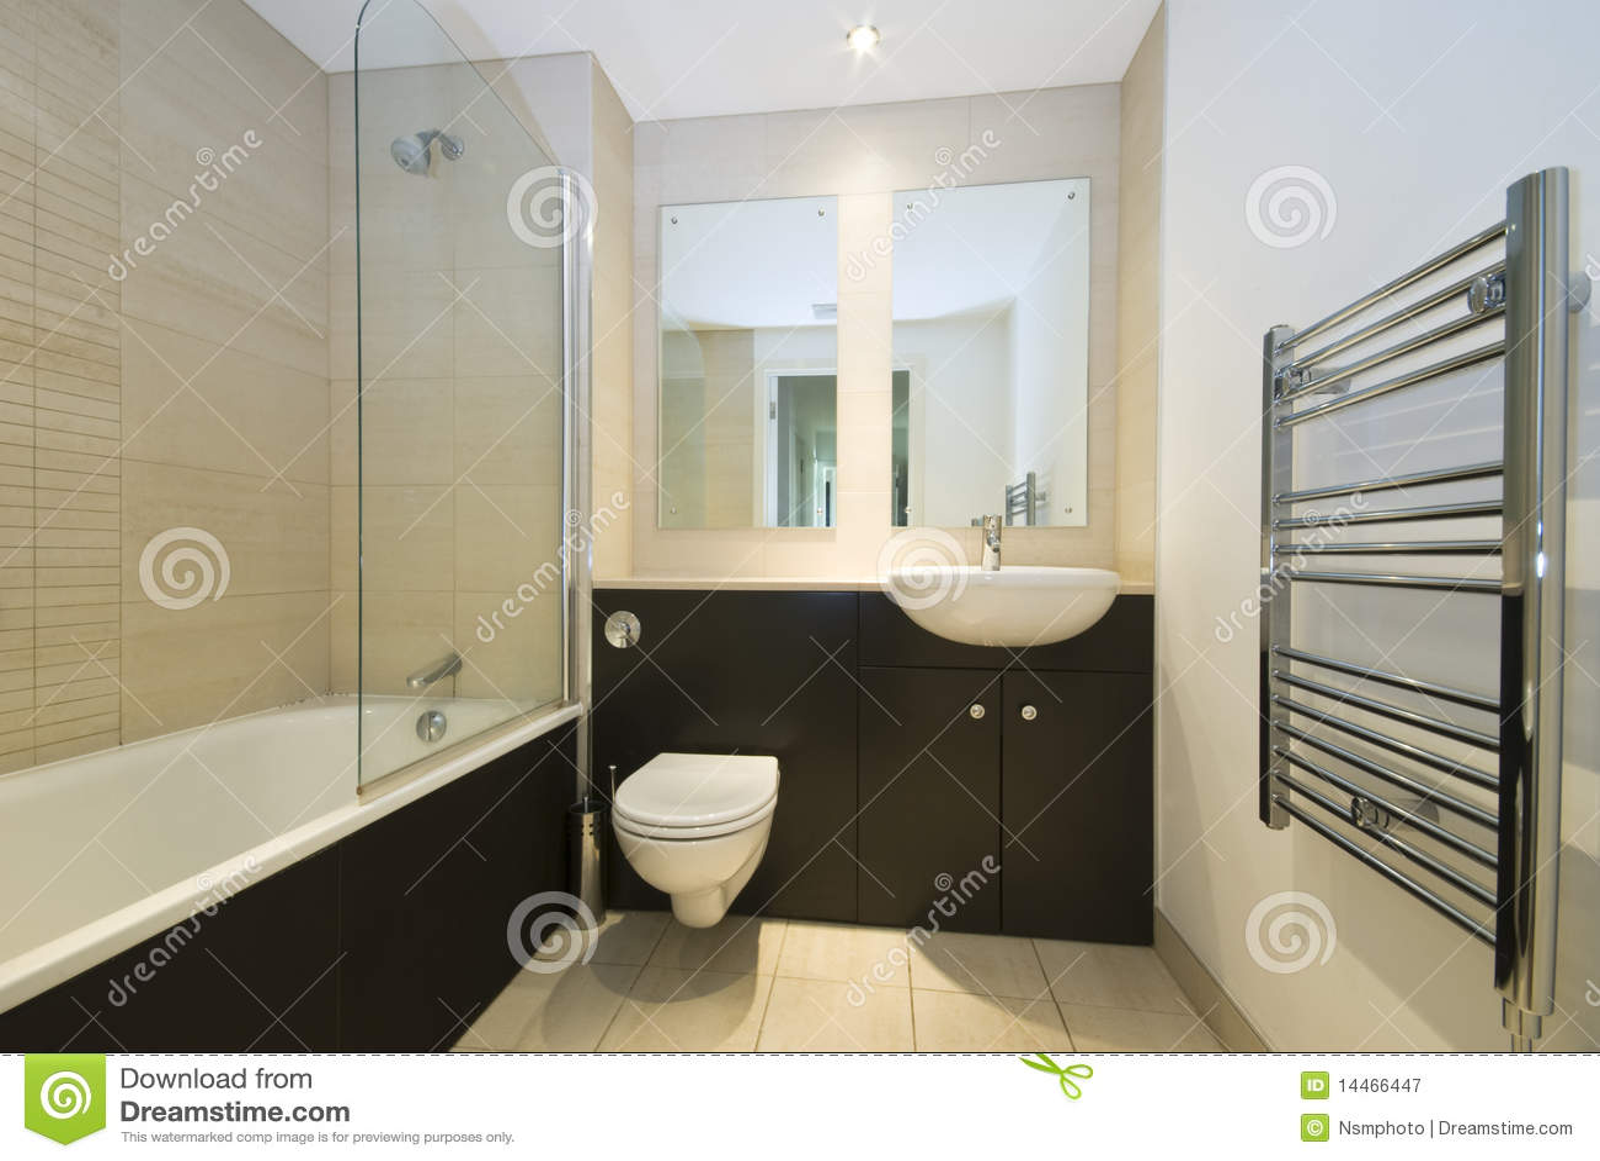 Stanza da bagno moderna della famiglia nel beige e nel for Tende beige e marrone